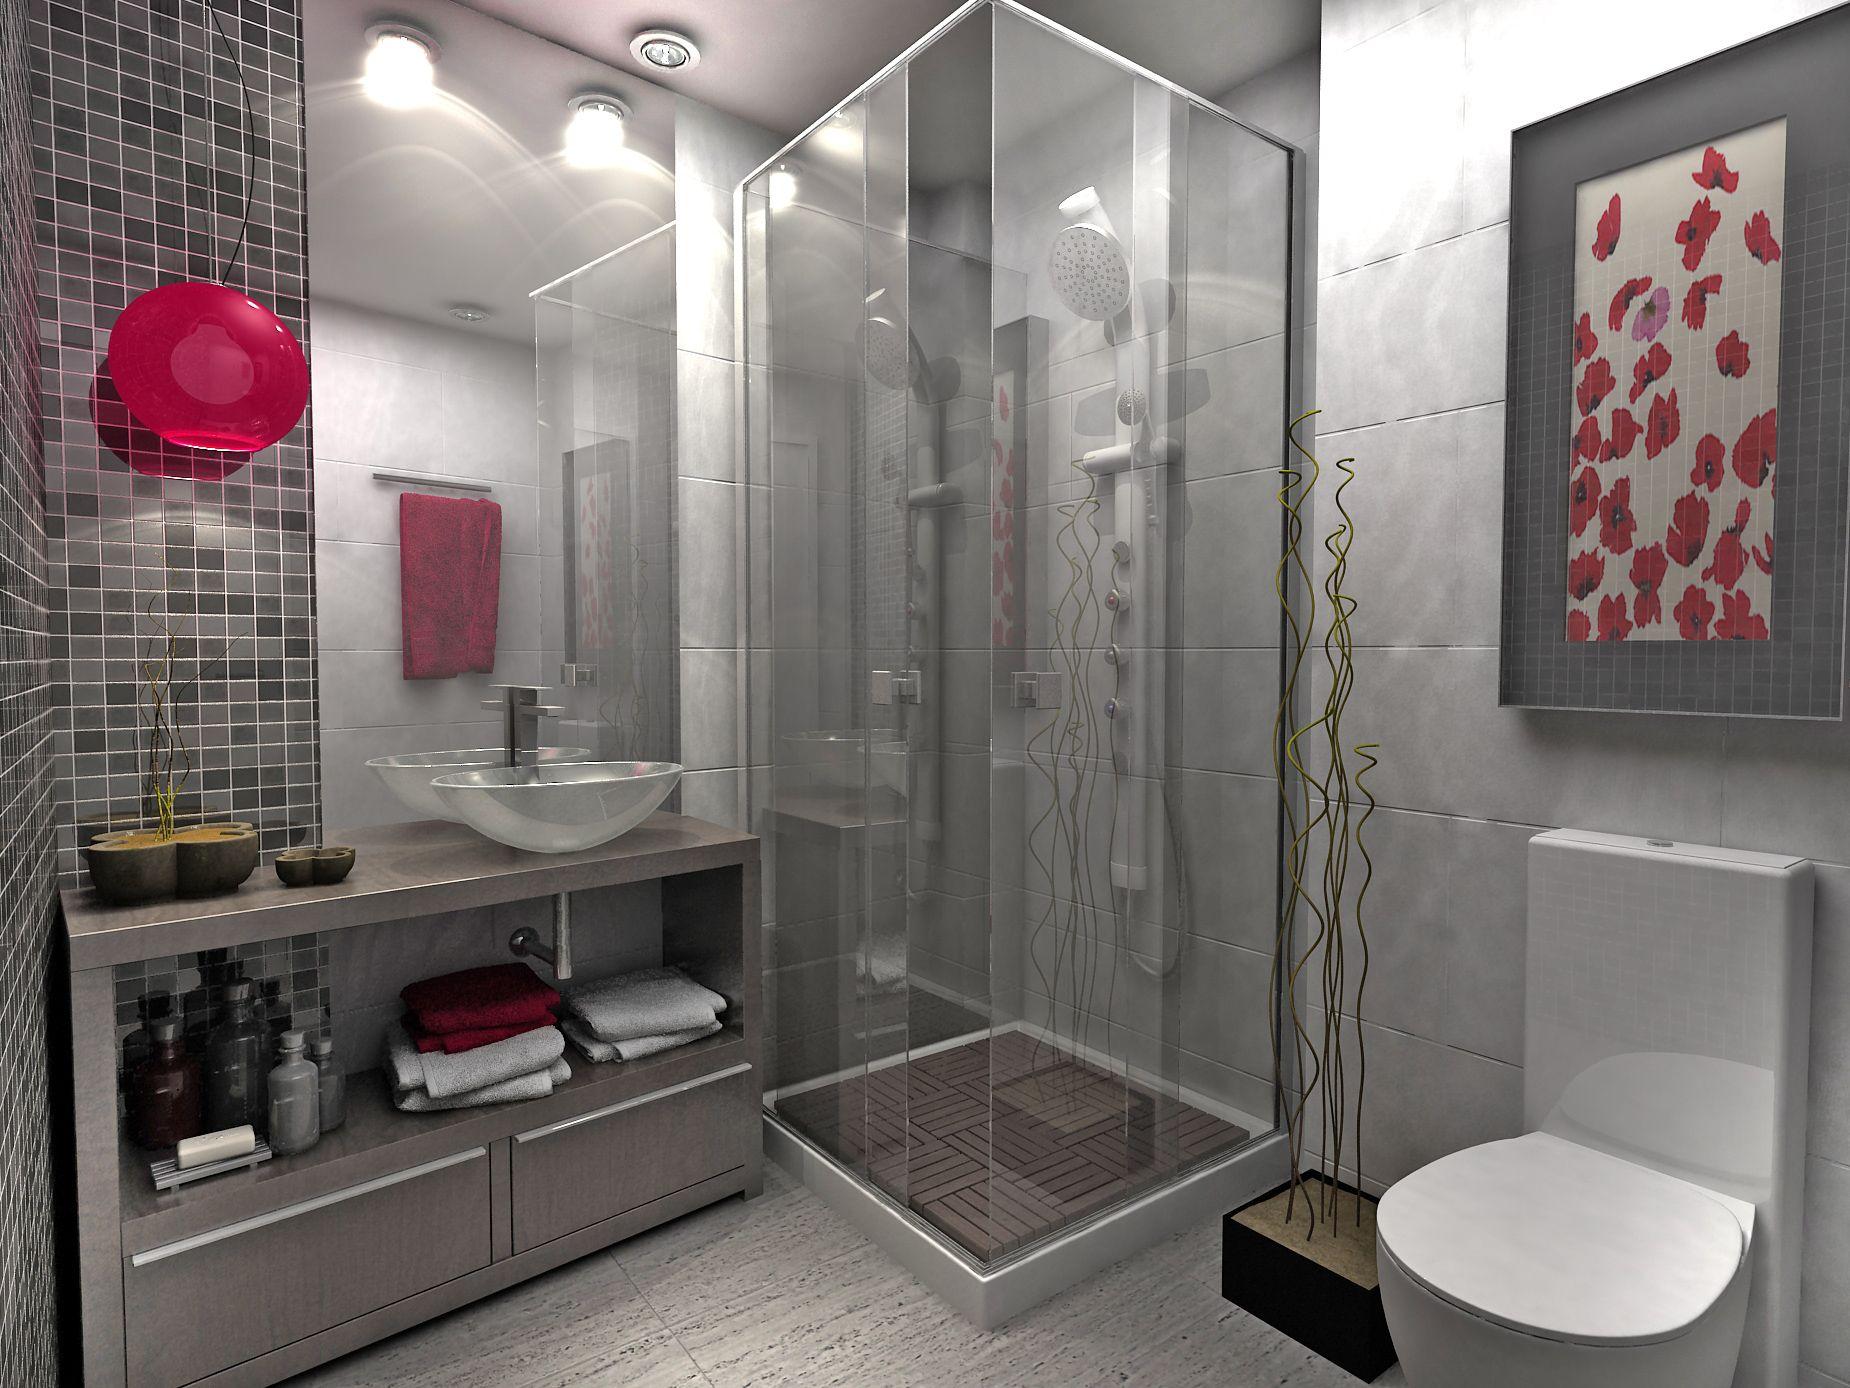 Decoradores de casas elegant piso del decorador pepe leal - Decoradores en madrid ...